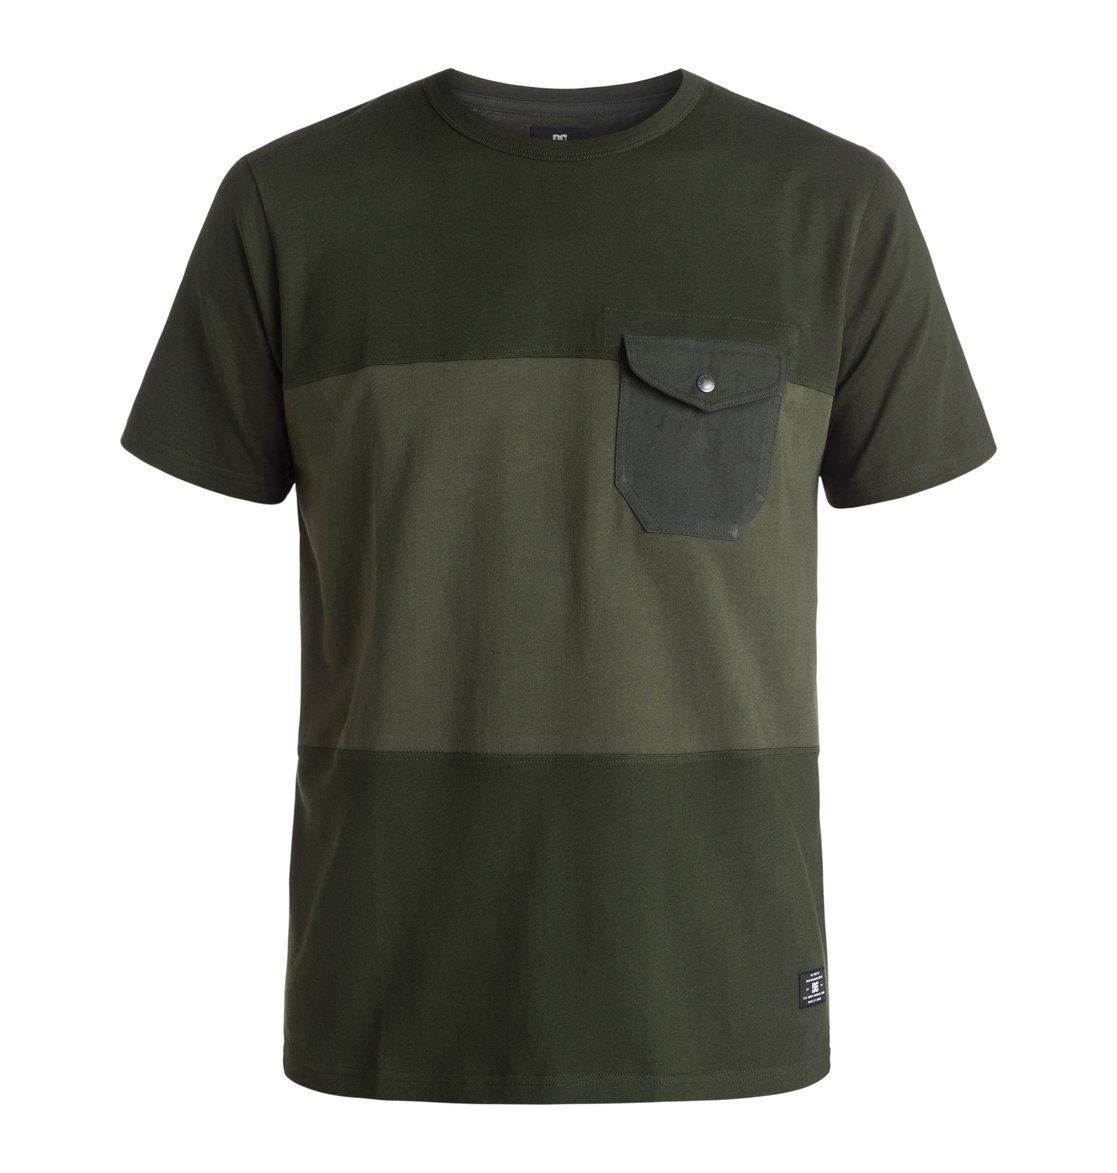 DC-Shoes-Rockcliff-Tee-Shirt-a-poche-pour-homme-EDYKT03274